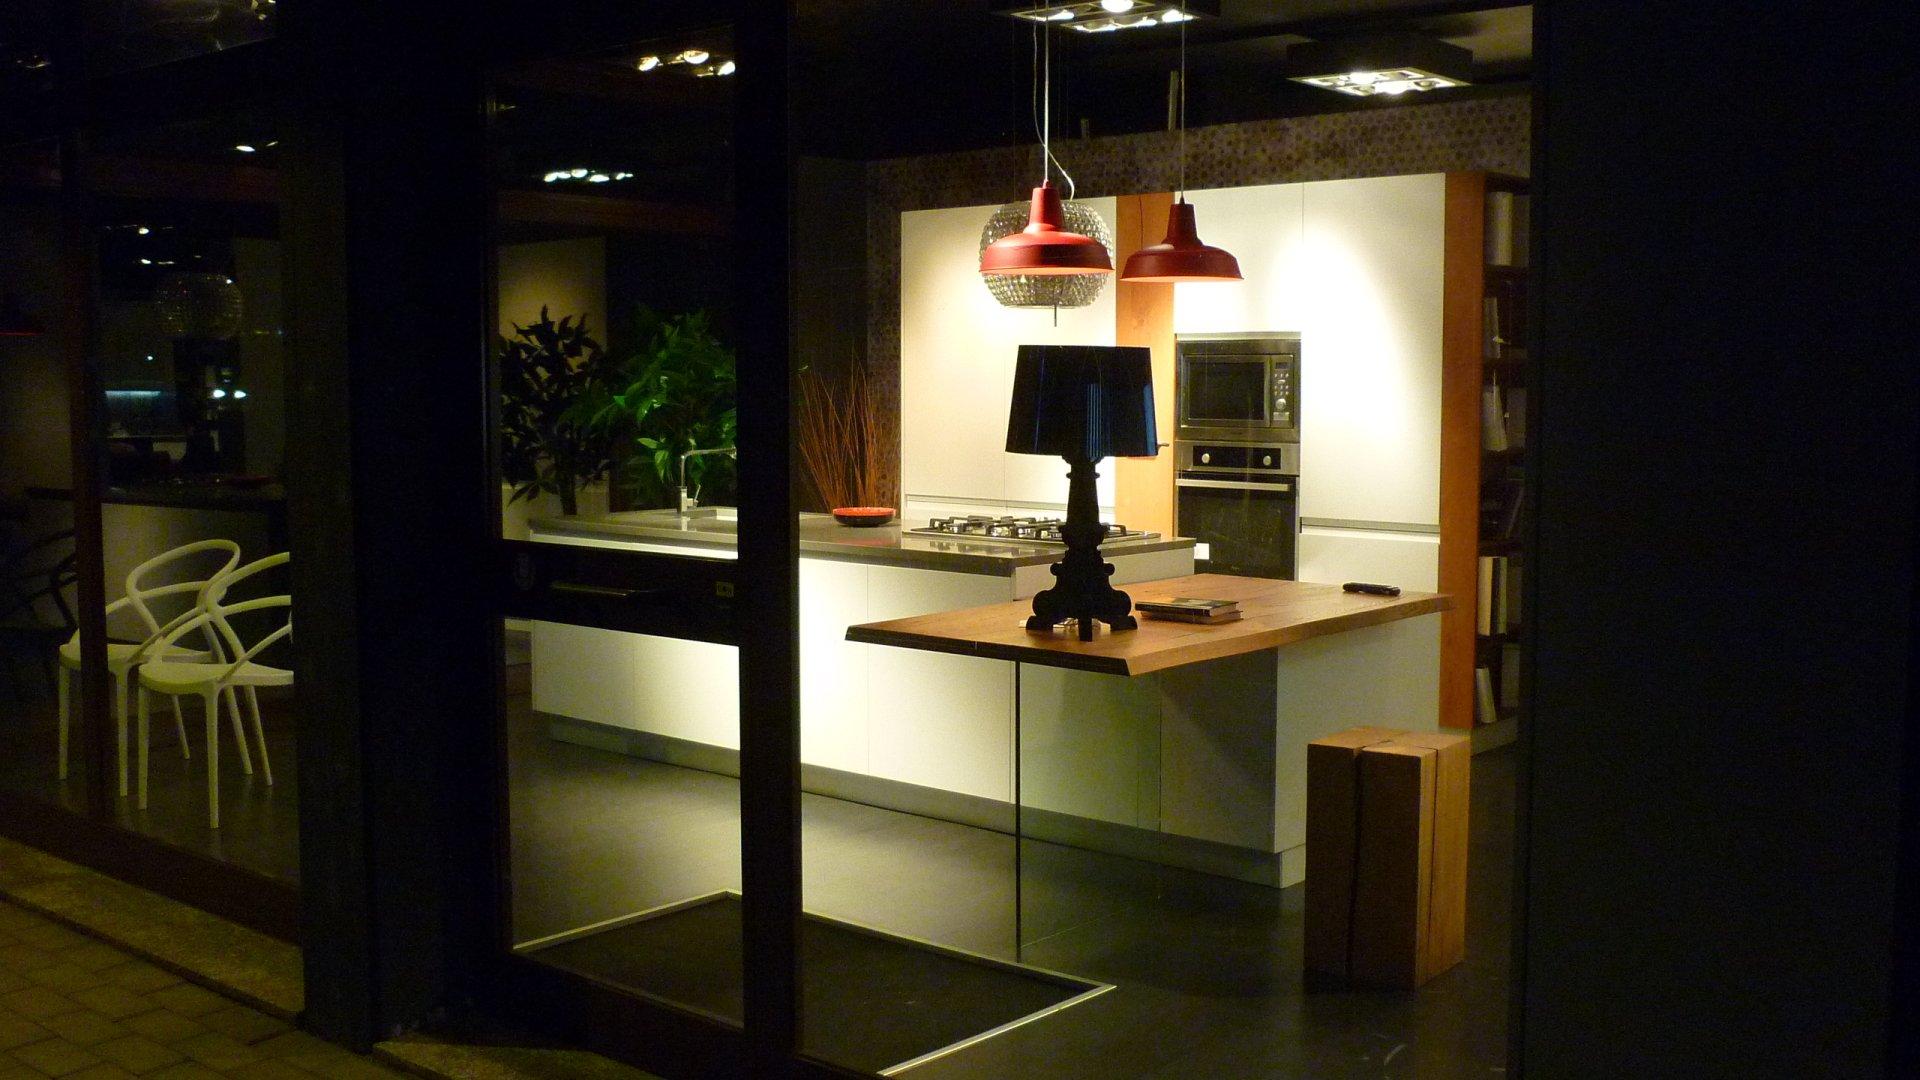 Vendita cucine - Reggio Emilia - Ambienti Arredamenti Pantaleoni